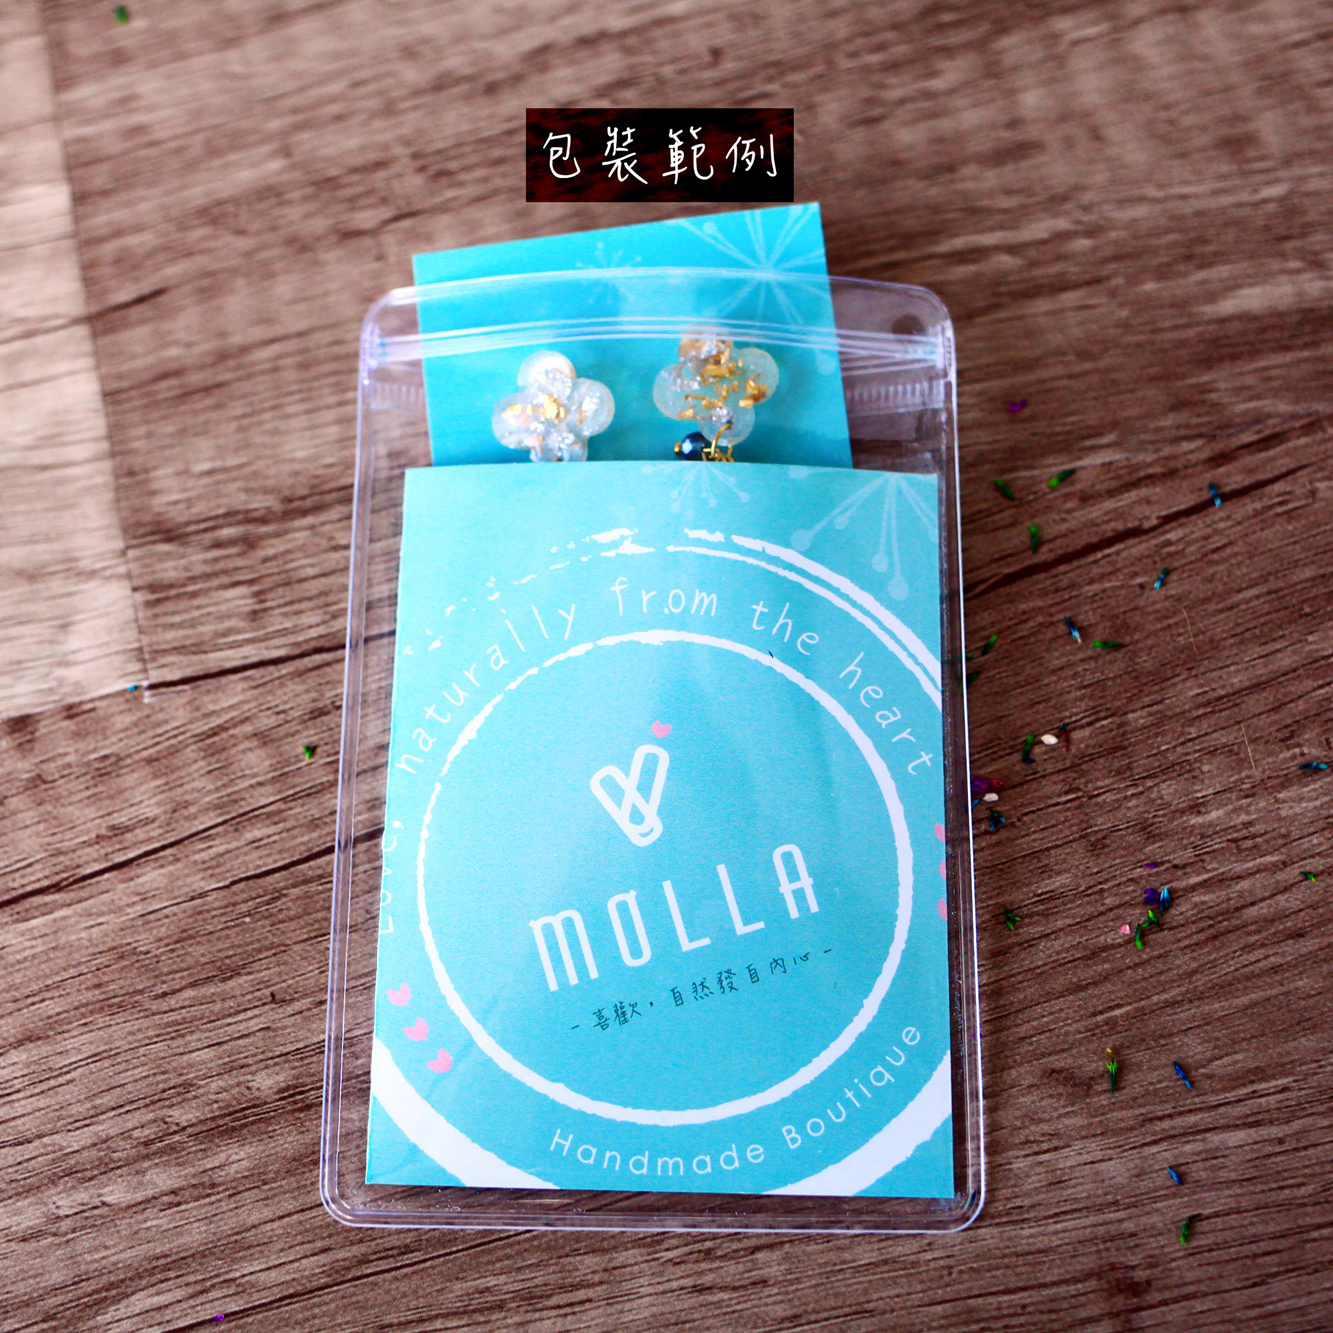 Molla 奔跑的水藍小白馬吊飾-銀色款(女生最愛手作吊飾、鑰匙圈、手機吊飾)